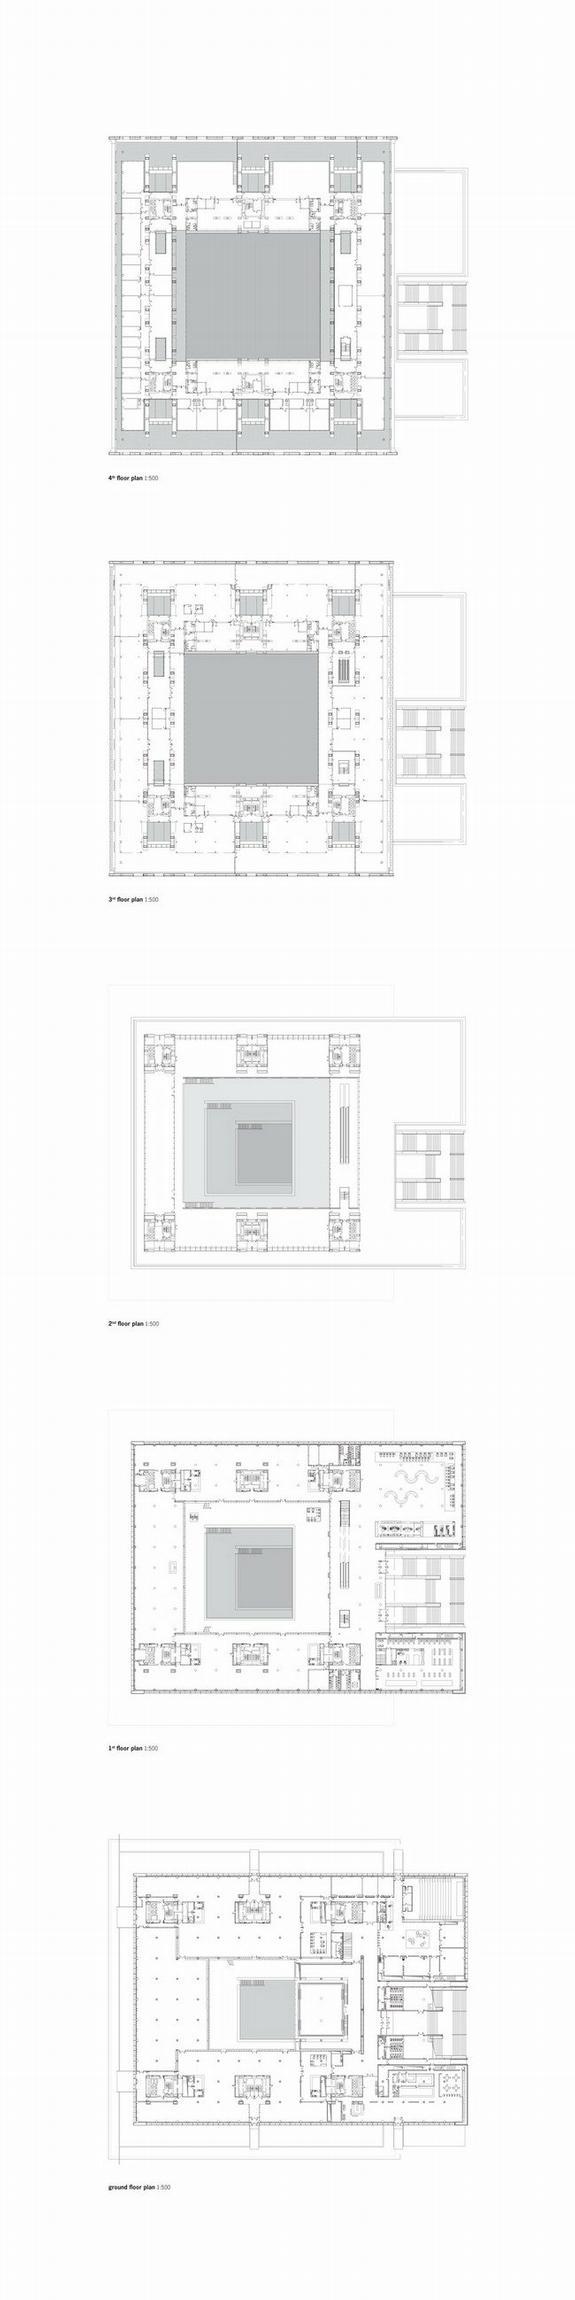 Национальная библиотека Китая – новый корпус. Планы этажей © KSP Jürgen Engel Architekten